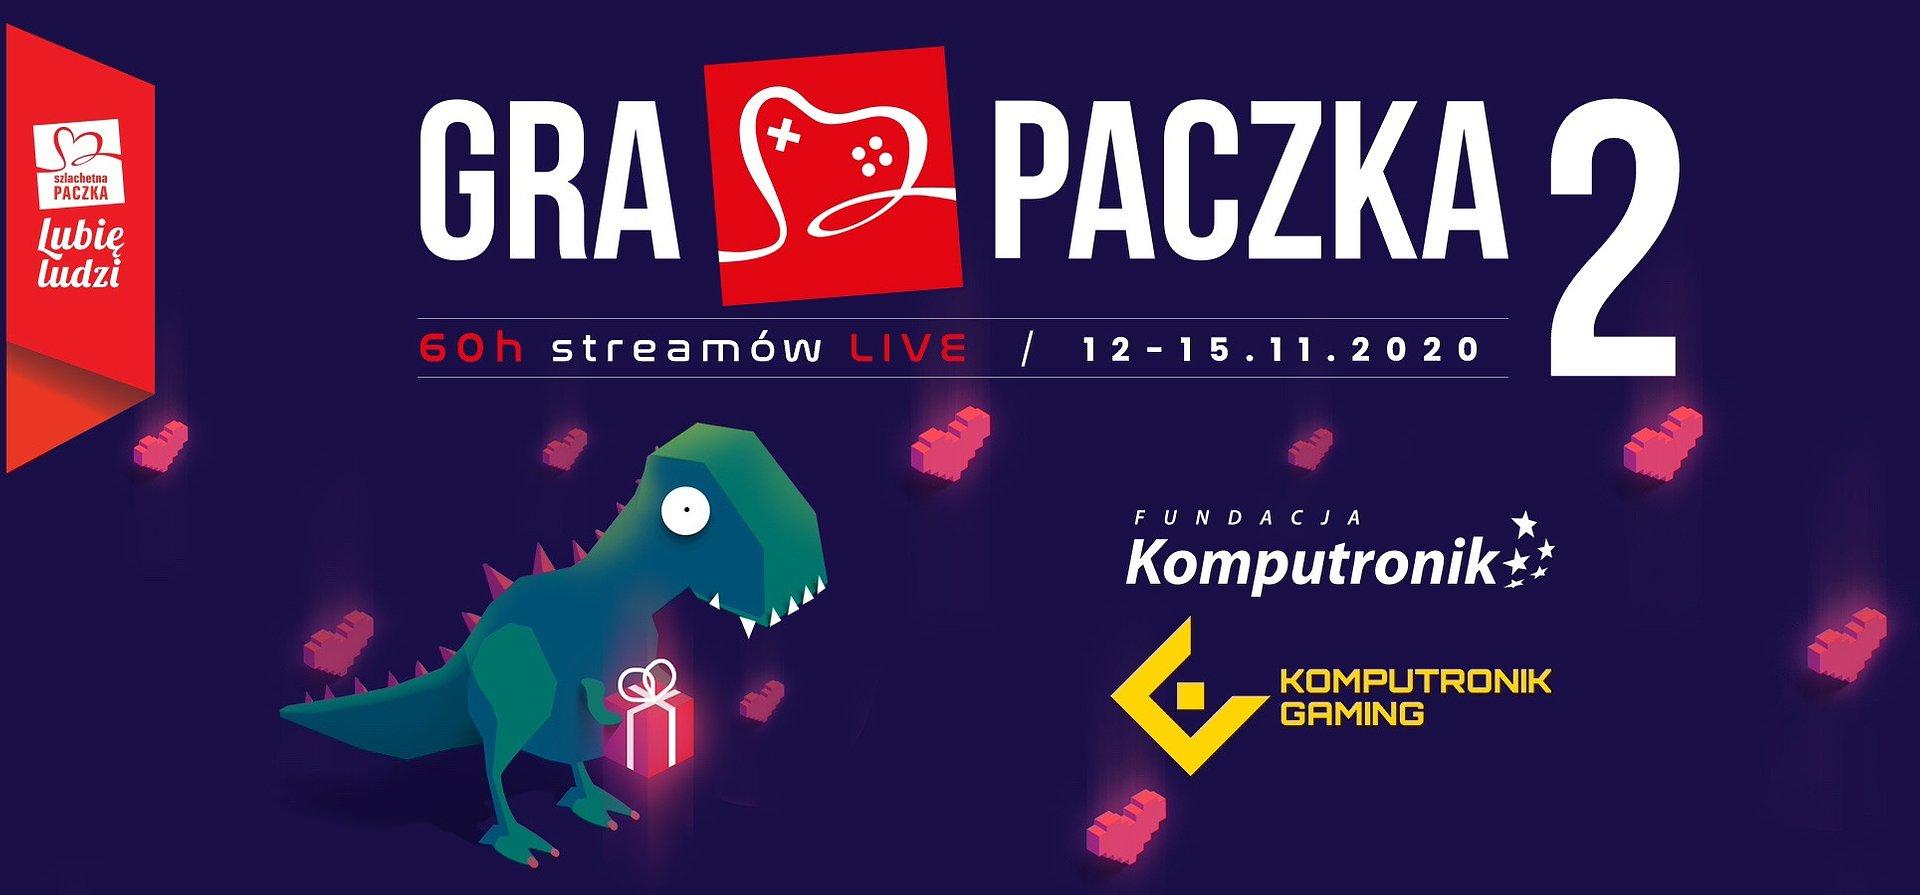 Komputronik Gaming i Fundacja Komputronik ponownie włączają się w Gra Paczka!